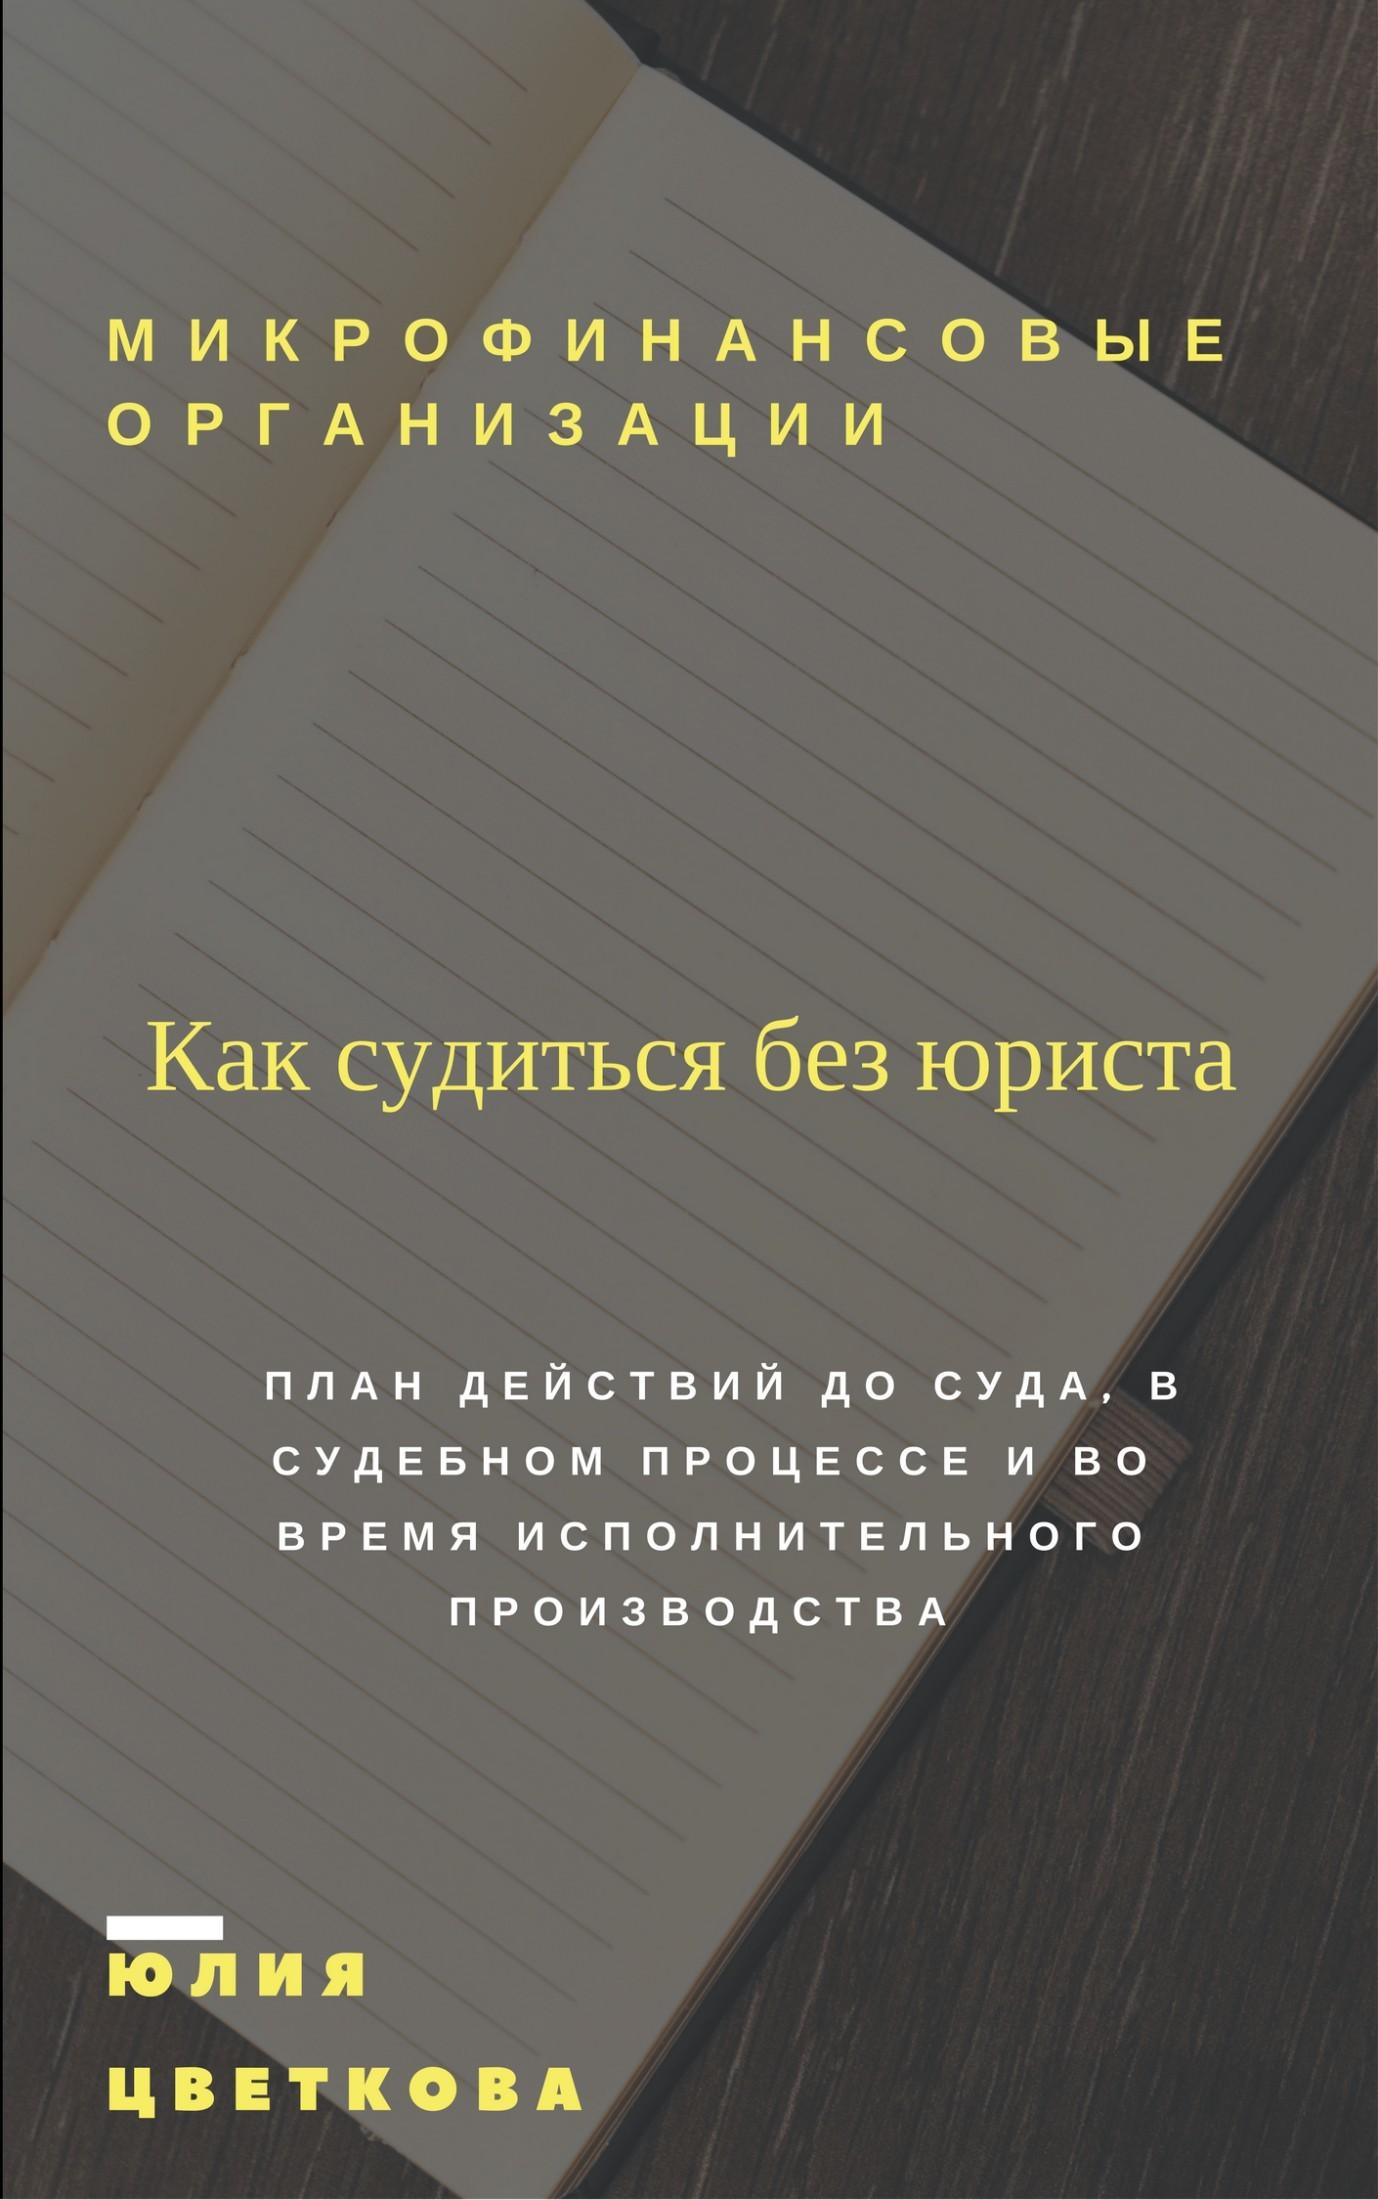 Обложка книги Микрофинансовые организации. Как судиться без юриста